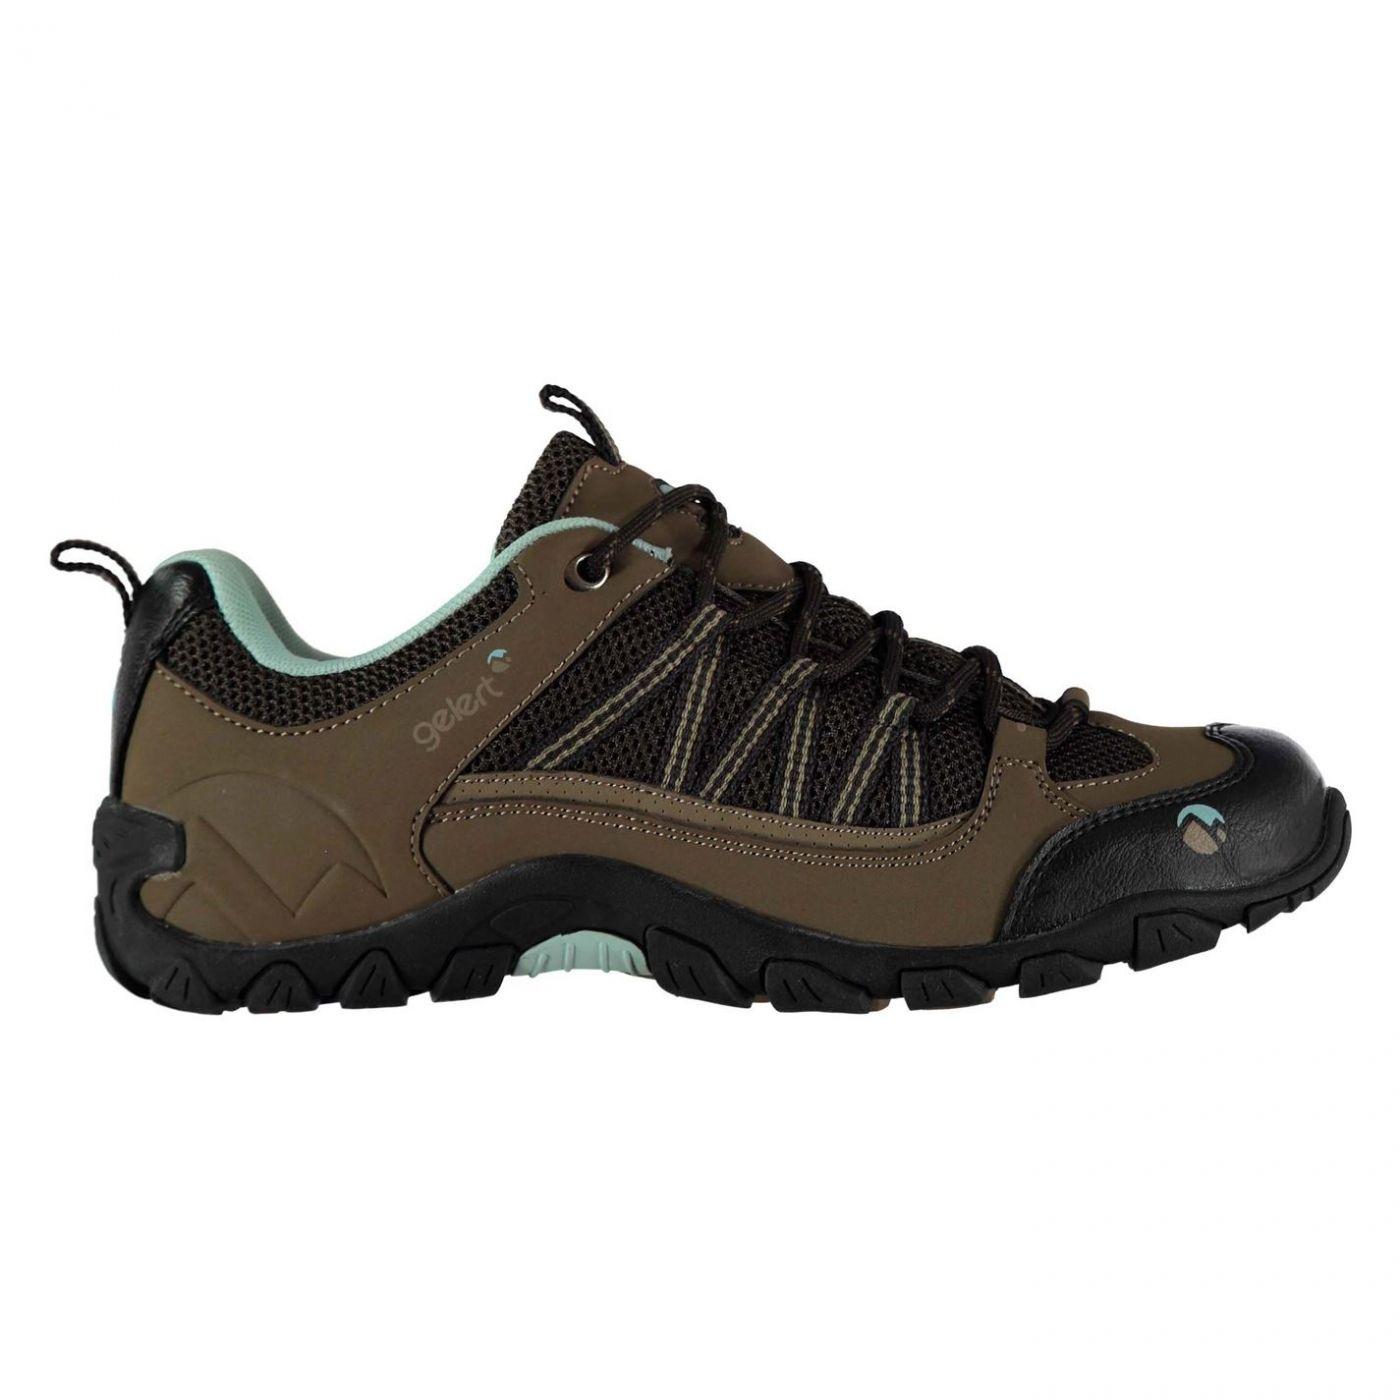 Gelert Rocky Ladies Walking Shoes